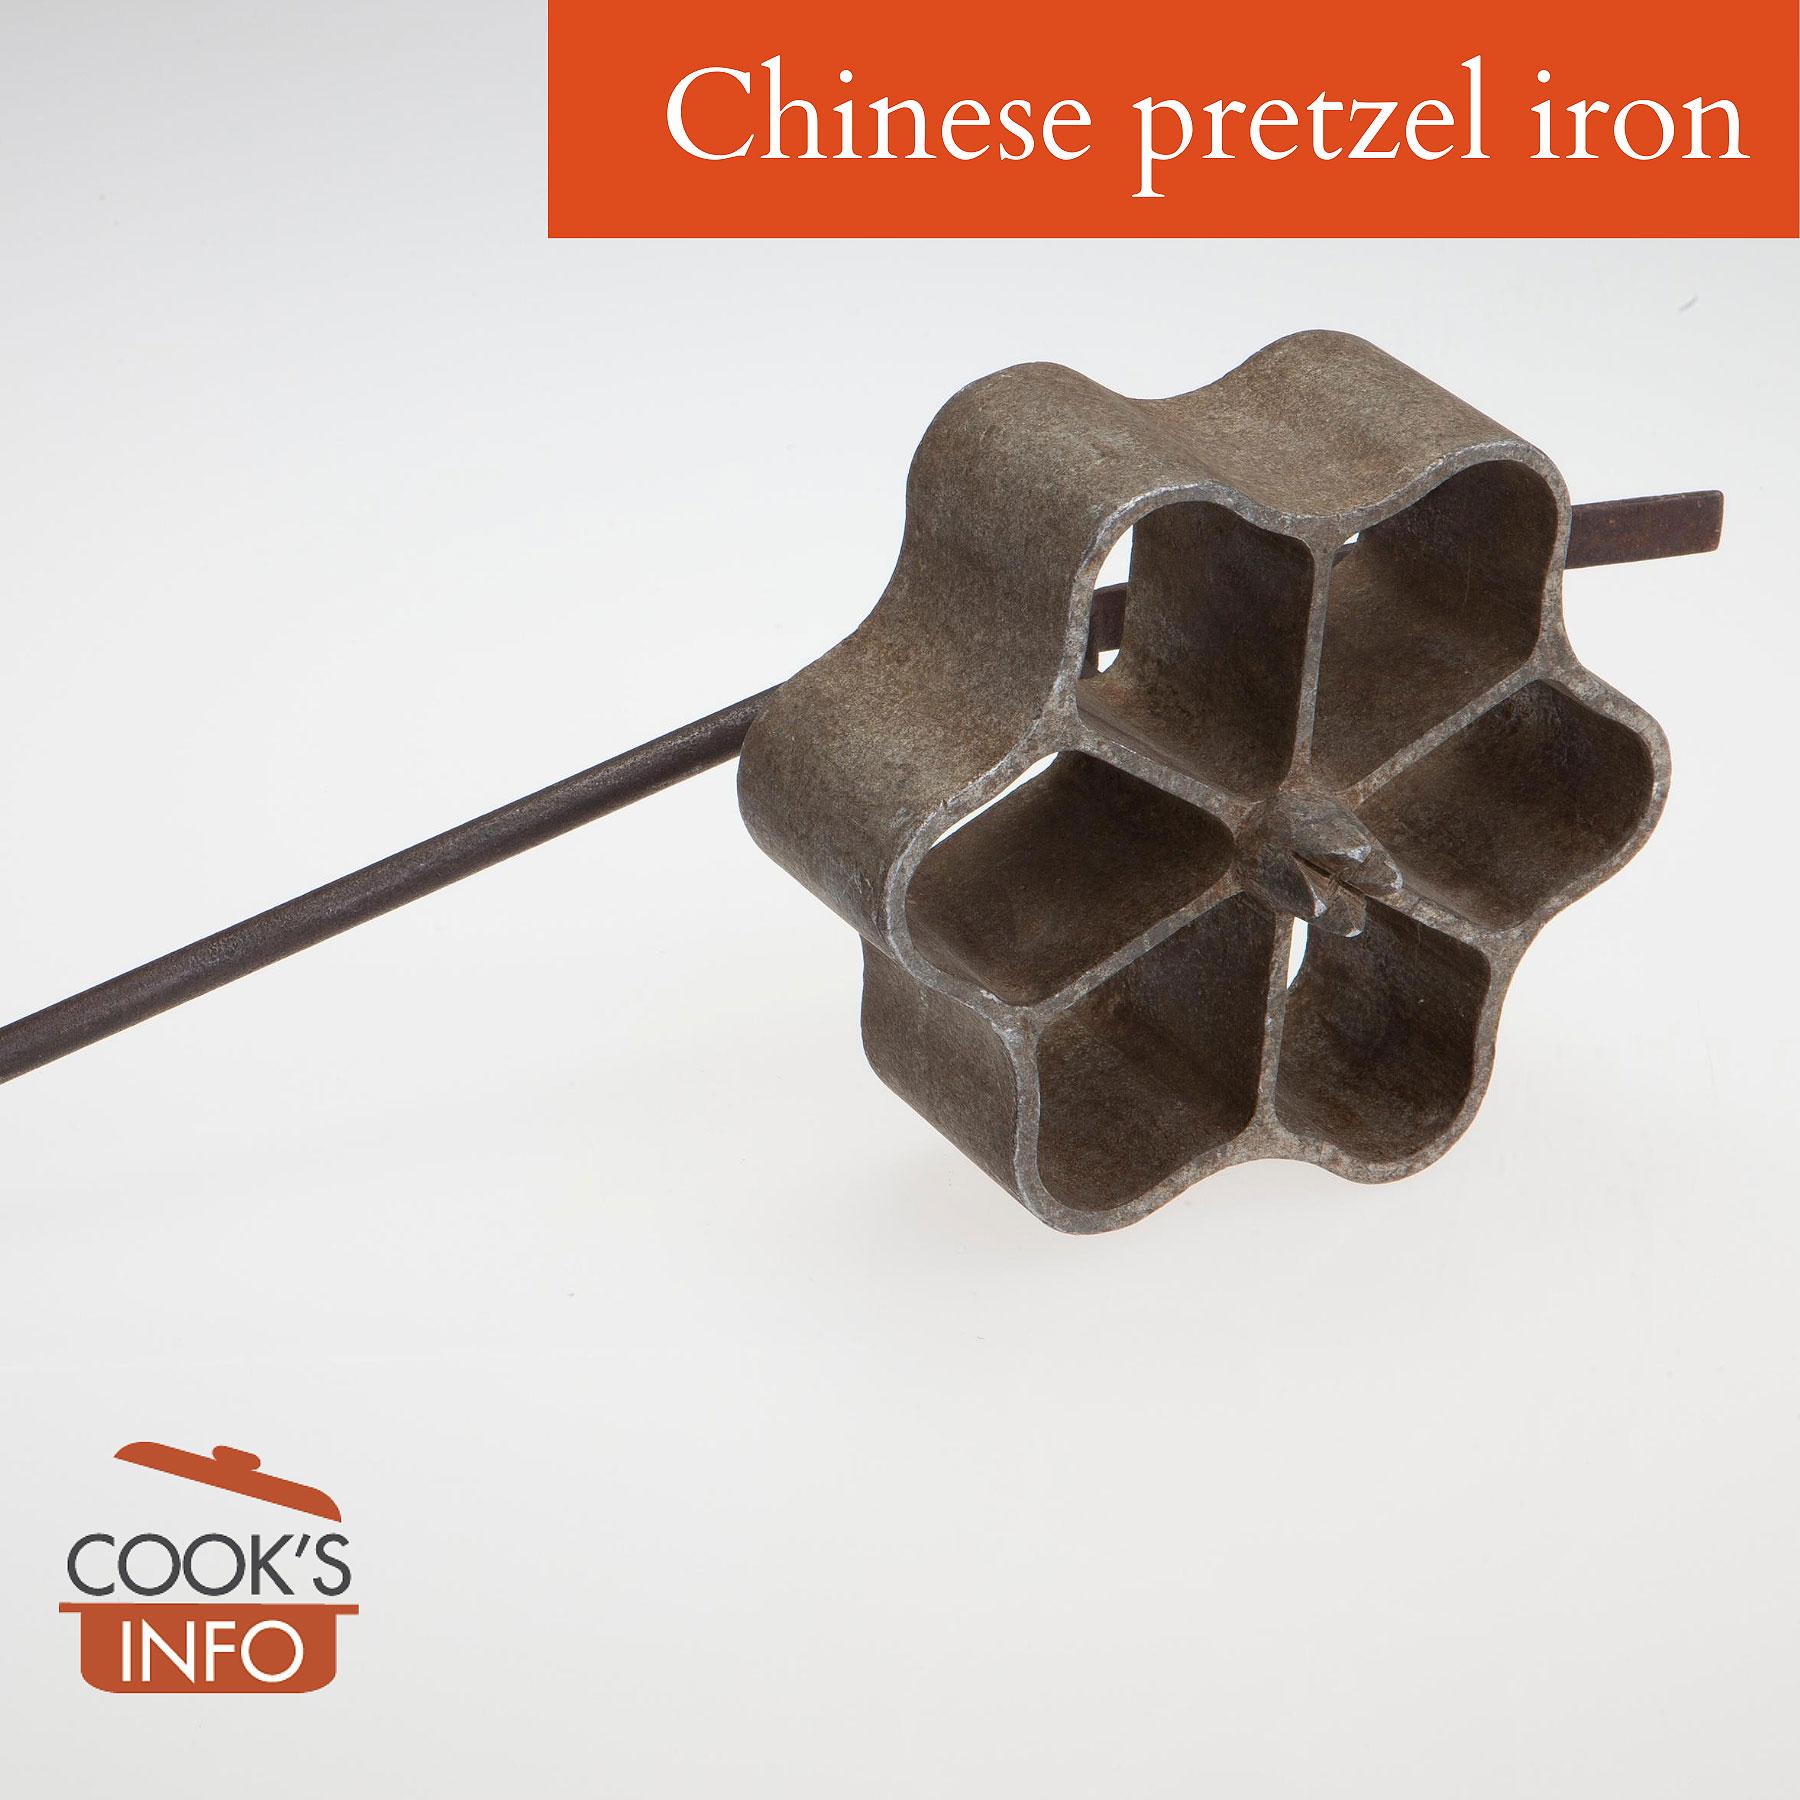 Cast aluminum pastry iron